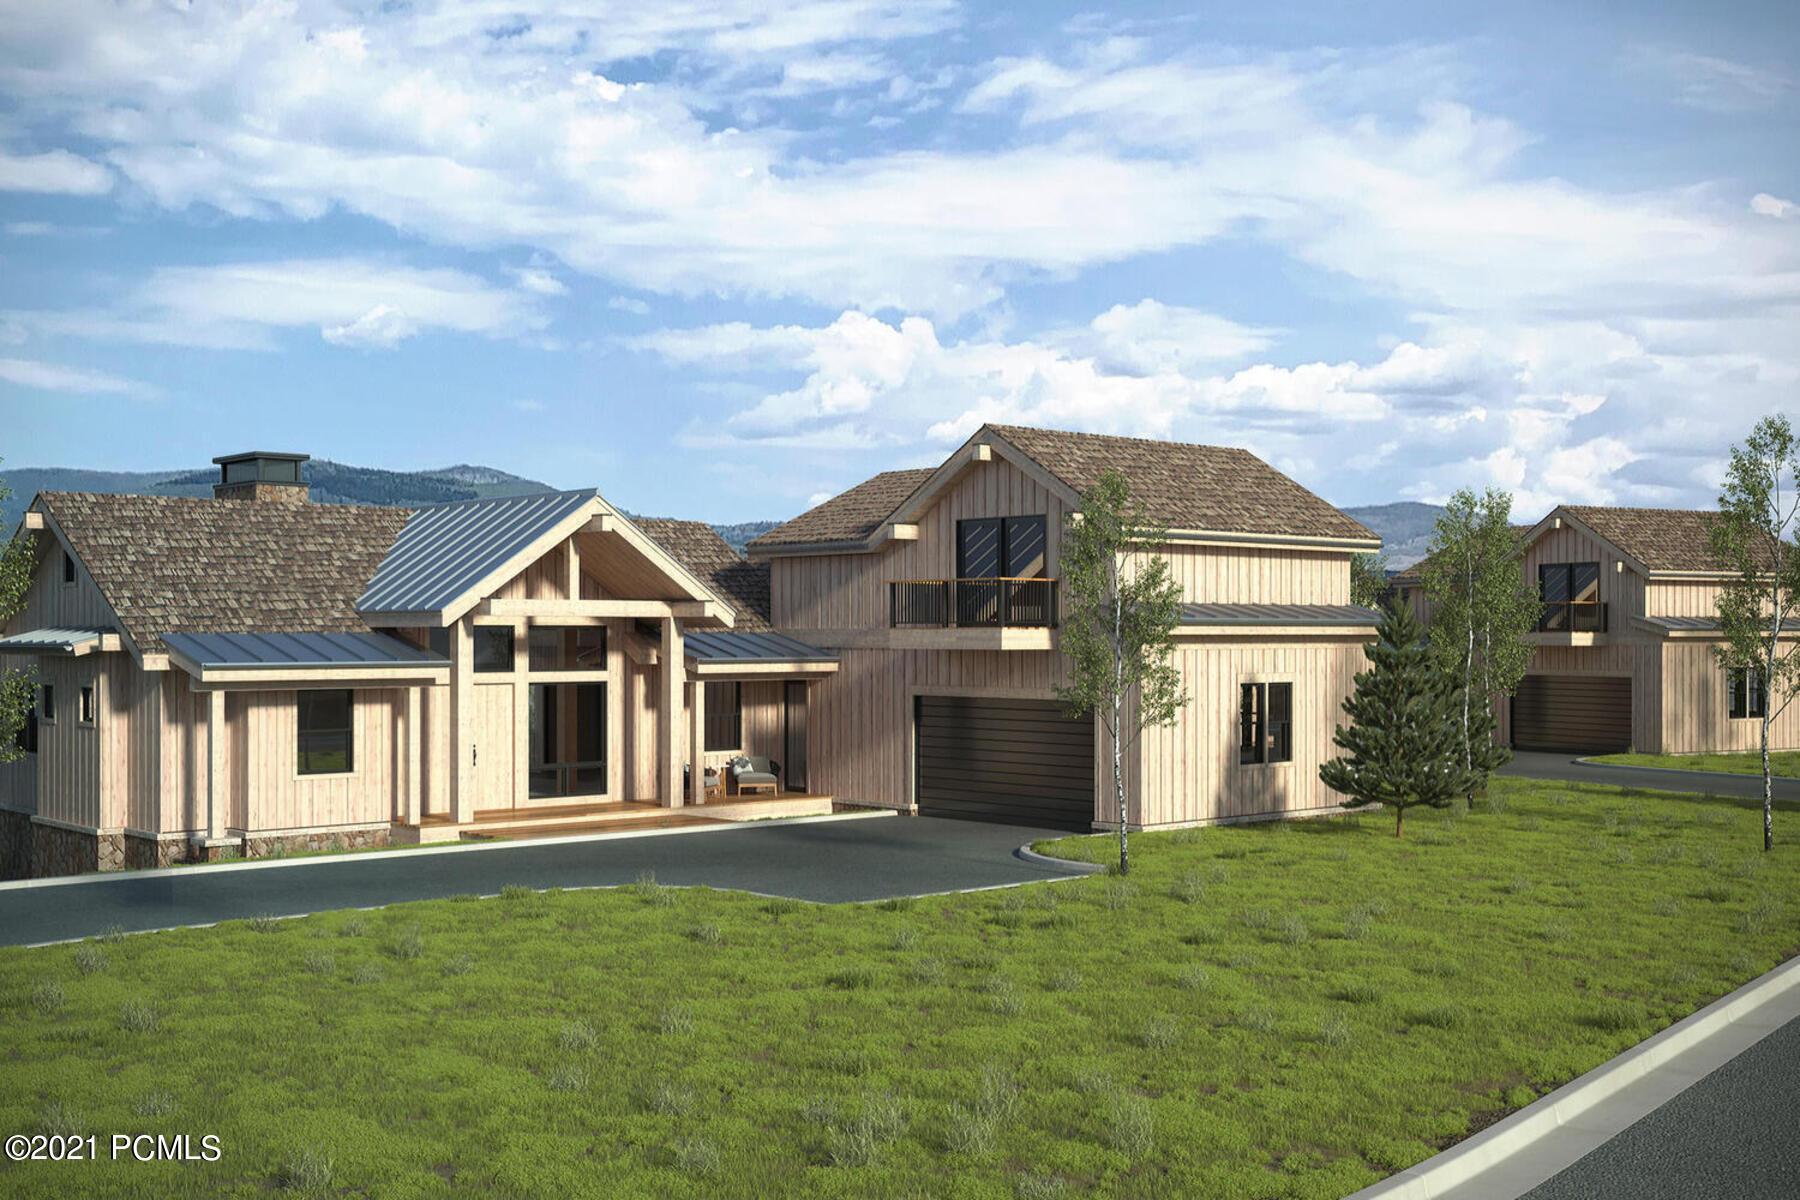 7559 Stardust Ct #318h, 5.8, Heber City, Utah 84032, 1 Bedroom Bedrooms, ,3 BathroomsBathrooms,Fractional Interest,For Sale,Stardust Ct #318h, 5.8,12101012